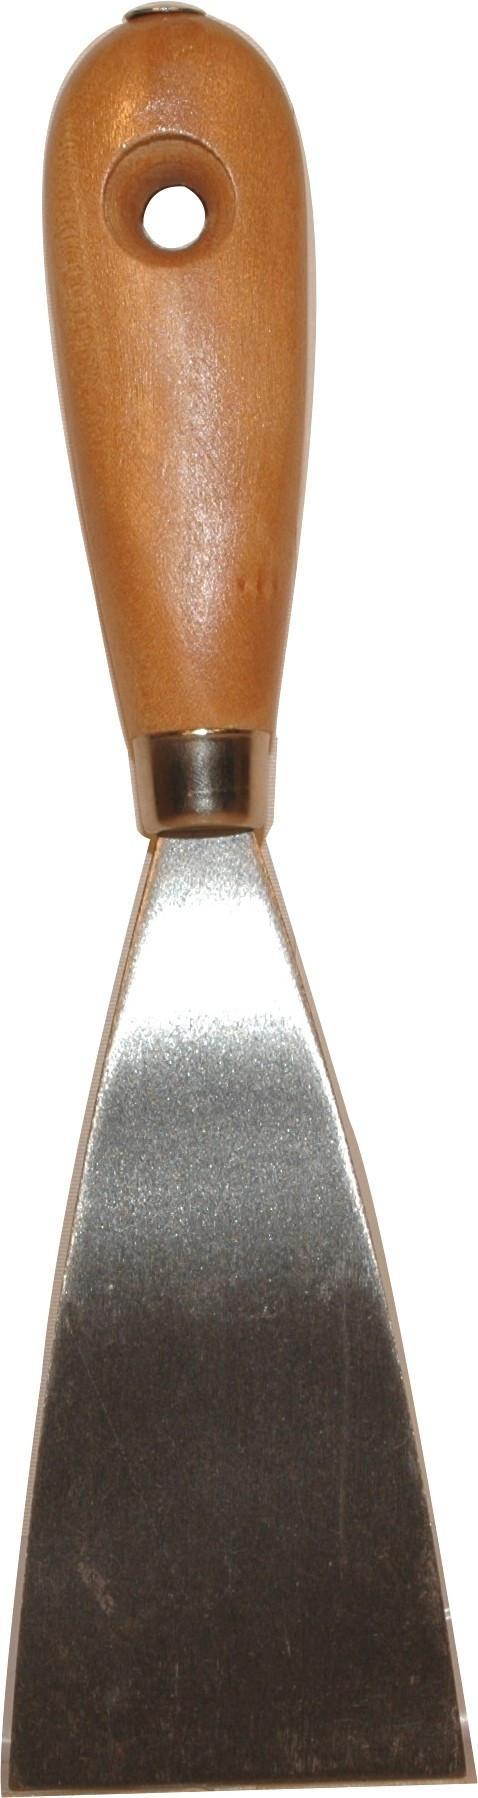 Spatula Hubert - ezüst színű, konvencionális, fém (25cm)